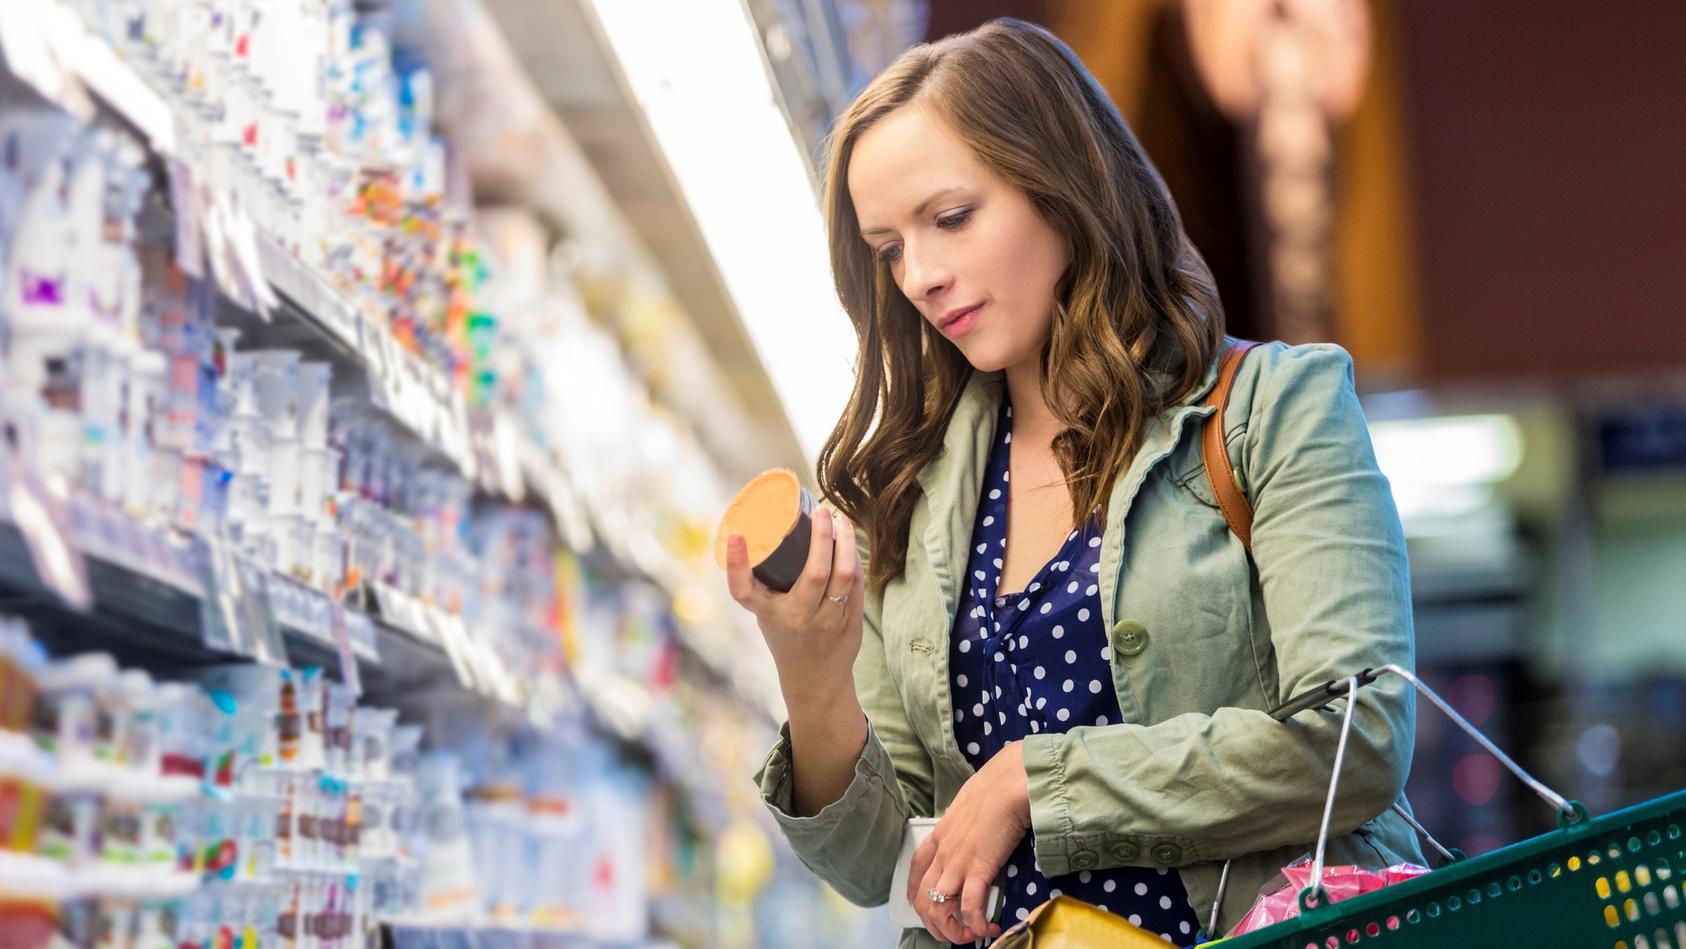 Im Supermarkt sollten Sie darauf achten, dass Sie sich rücksichtsvoll verhalten.